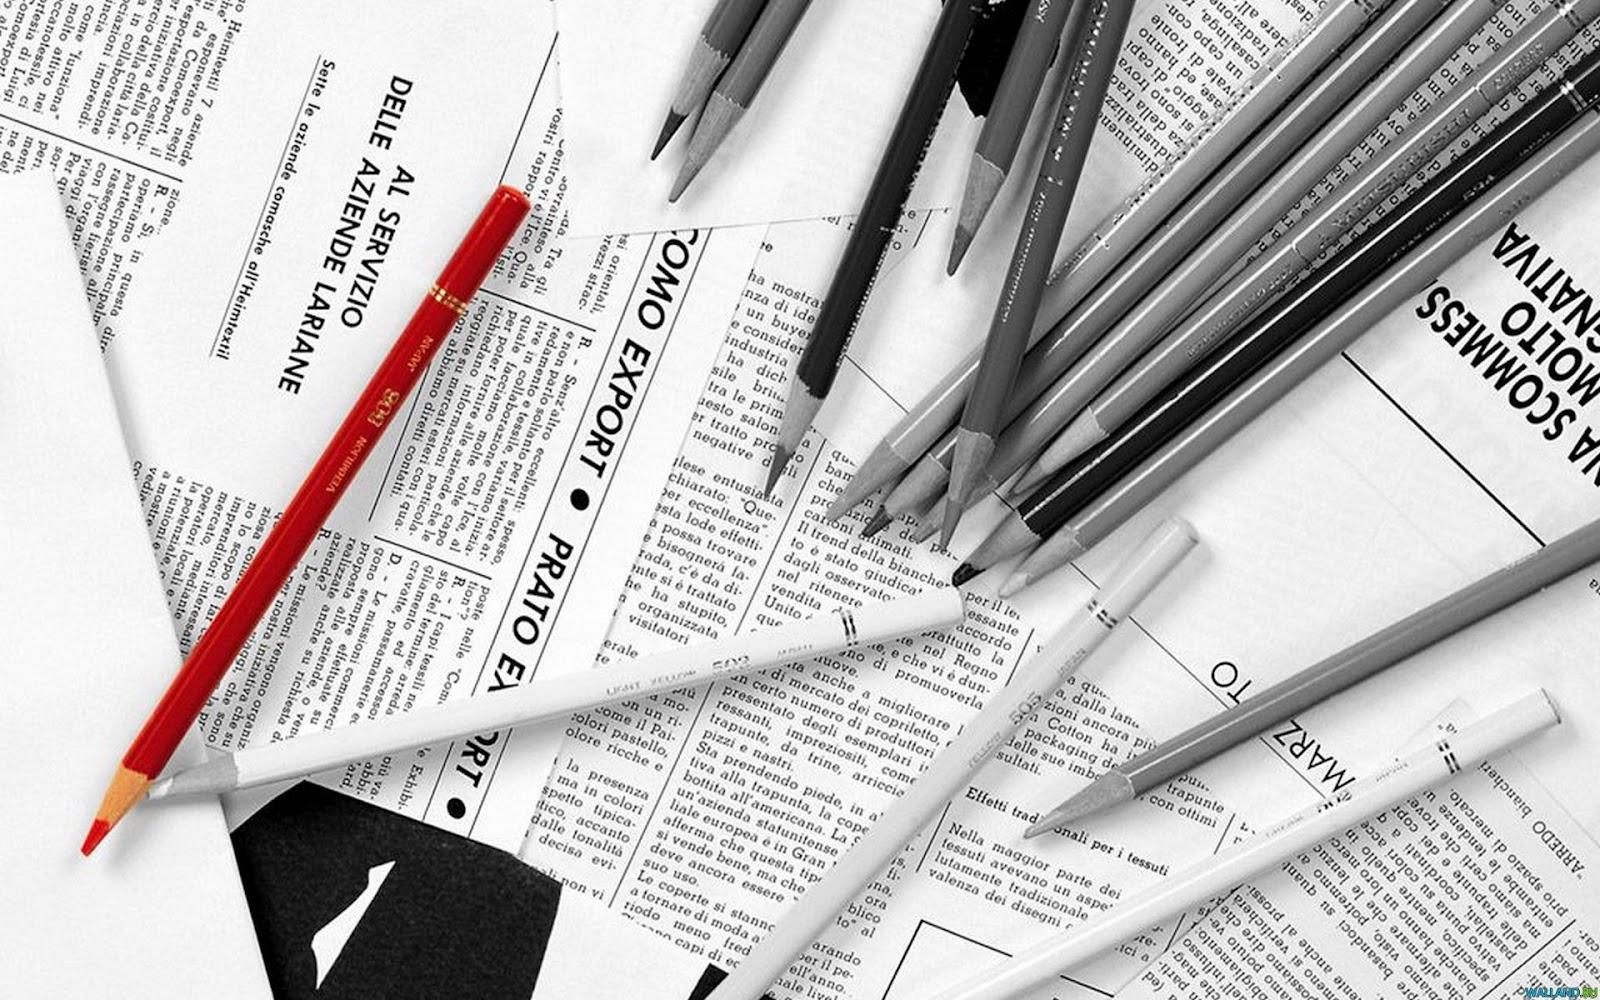 Примеры сочинений творческого конкурса по журналистике